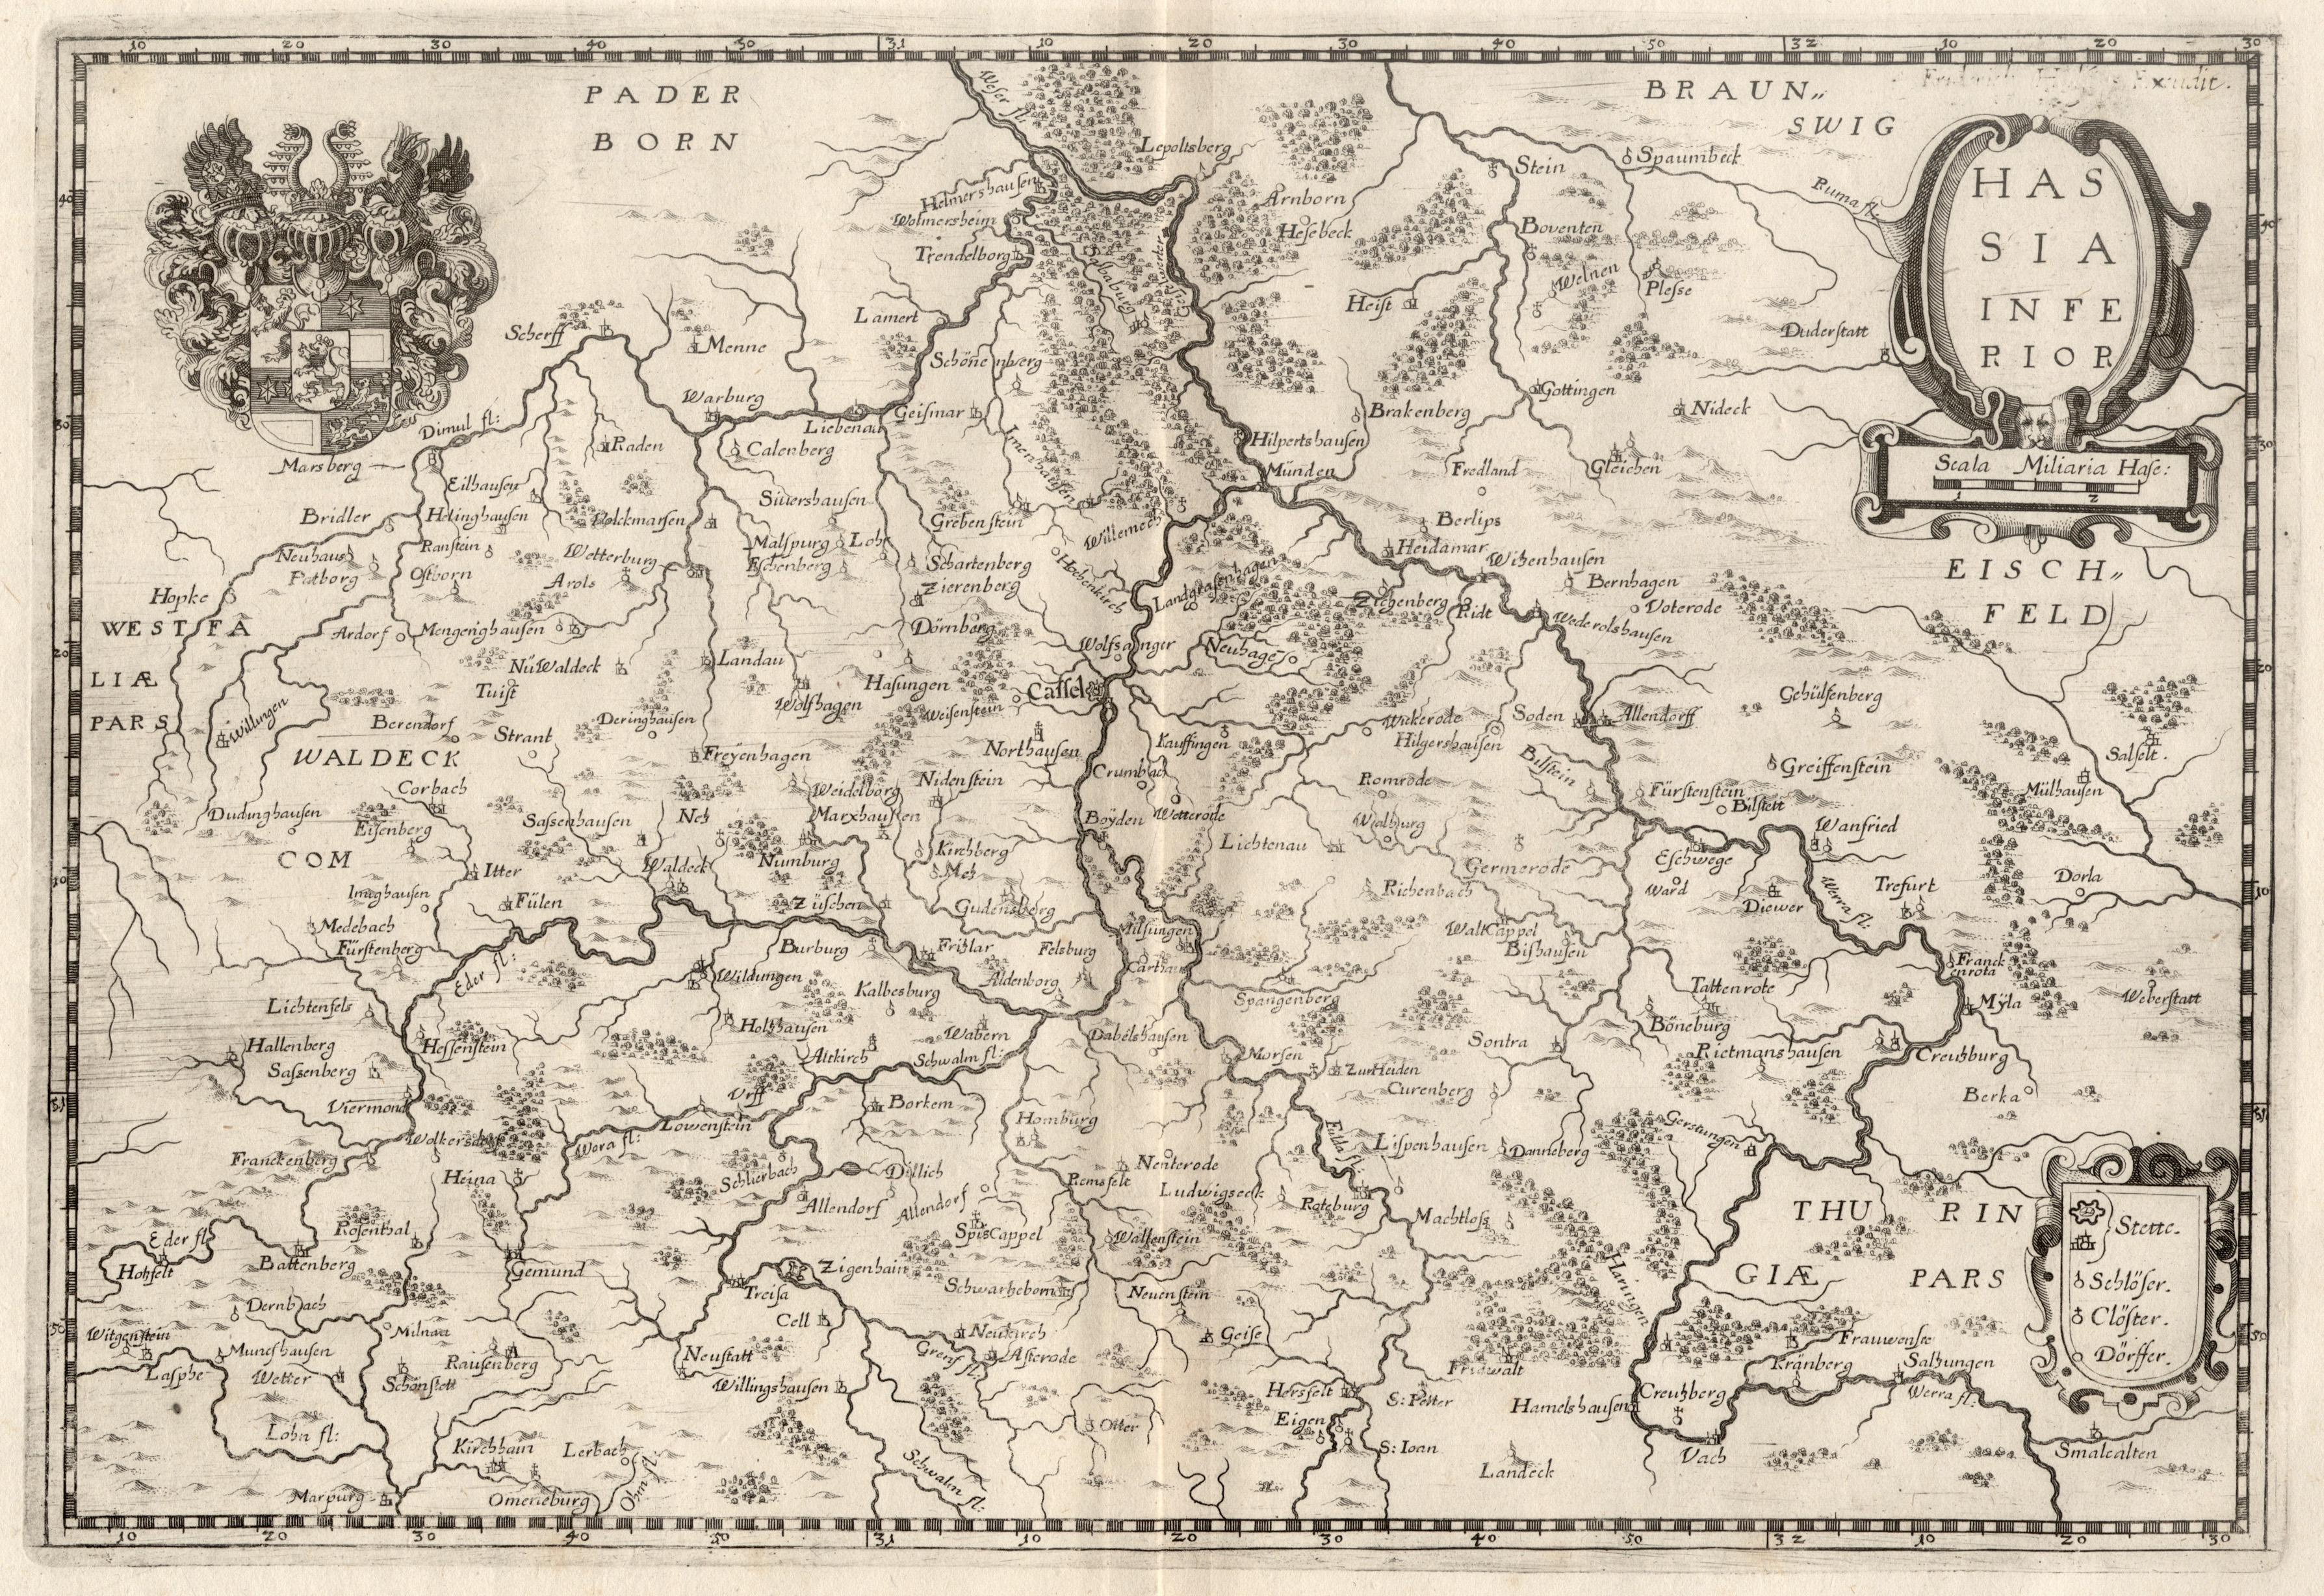 Kst.- Karte, n. Hulsius b. Merian aus: Nordhessen: